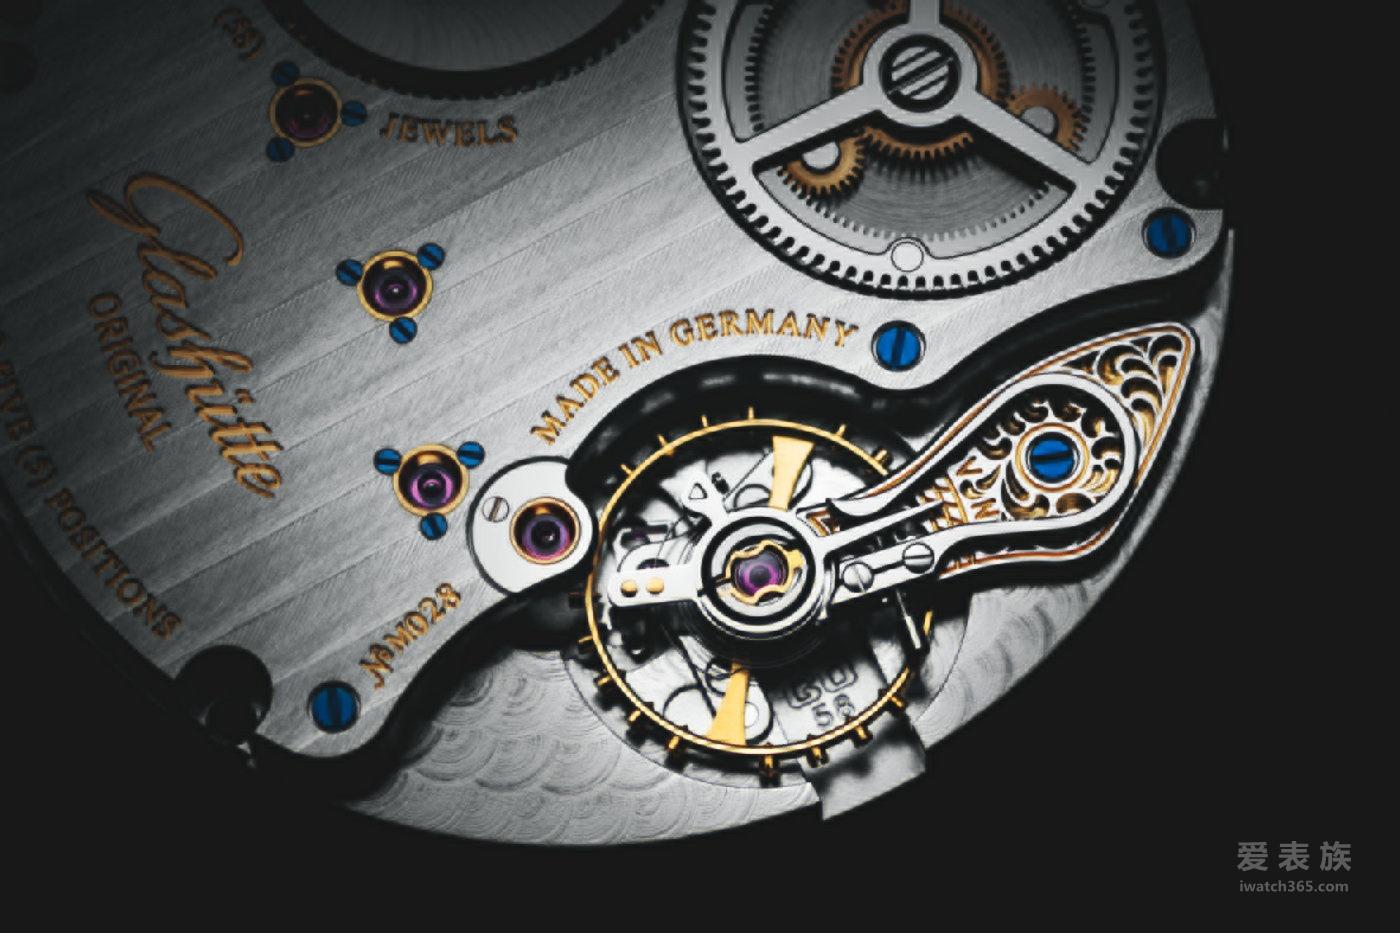 格拉苏蒂以简约而大方的设计获得表迷的认可